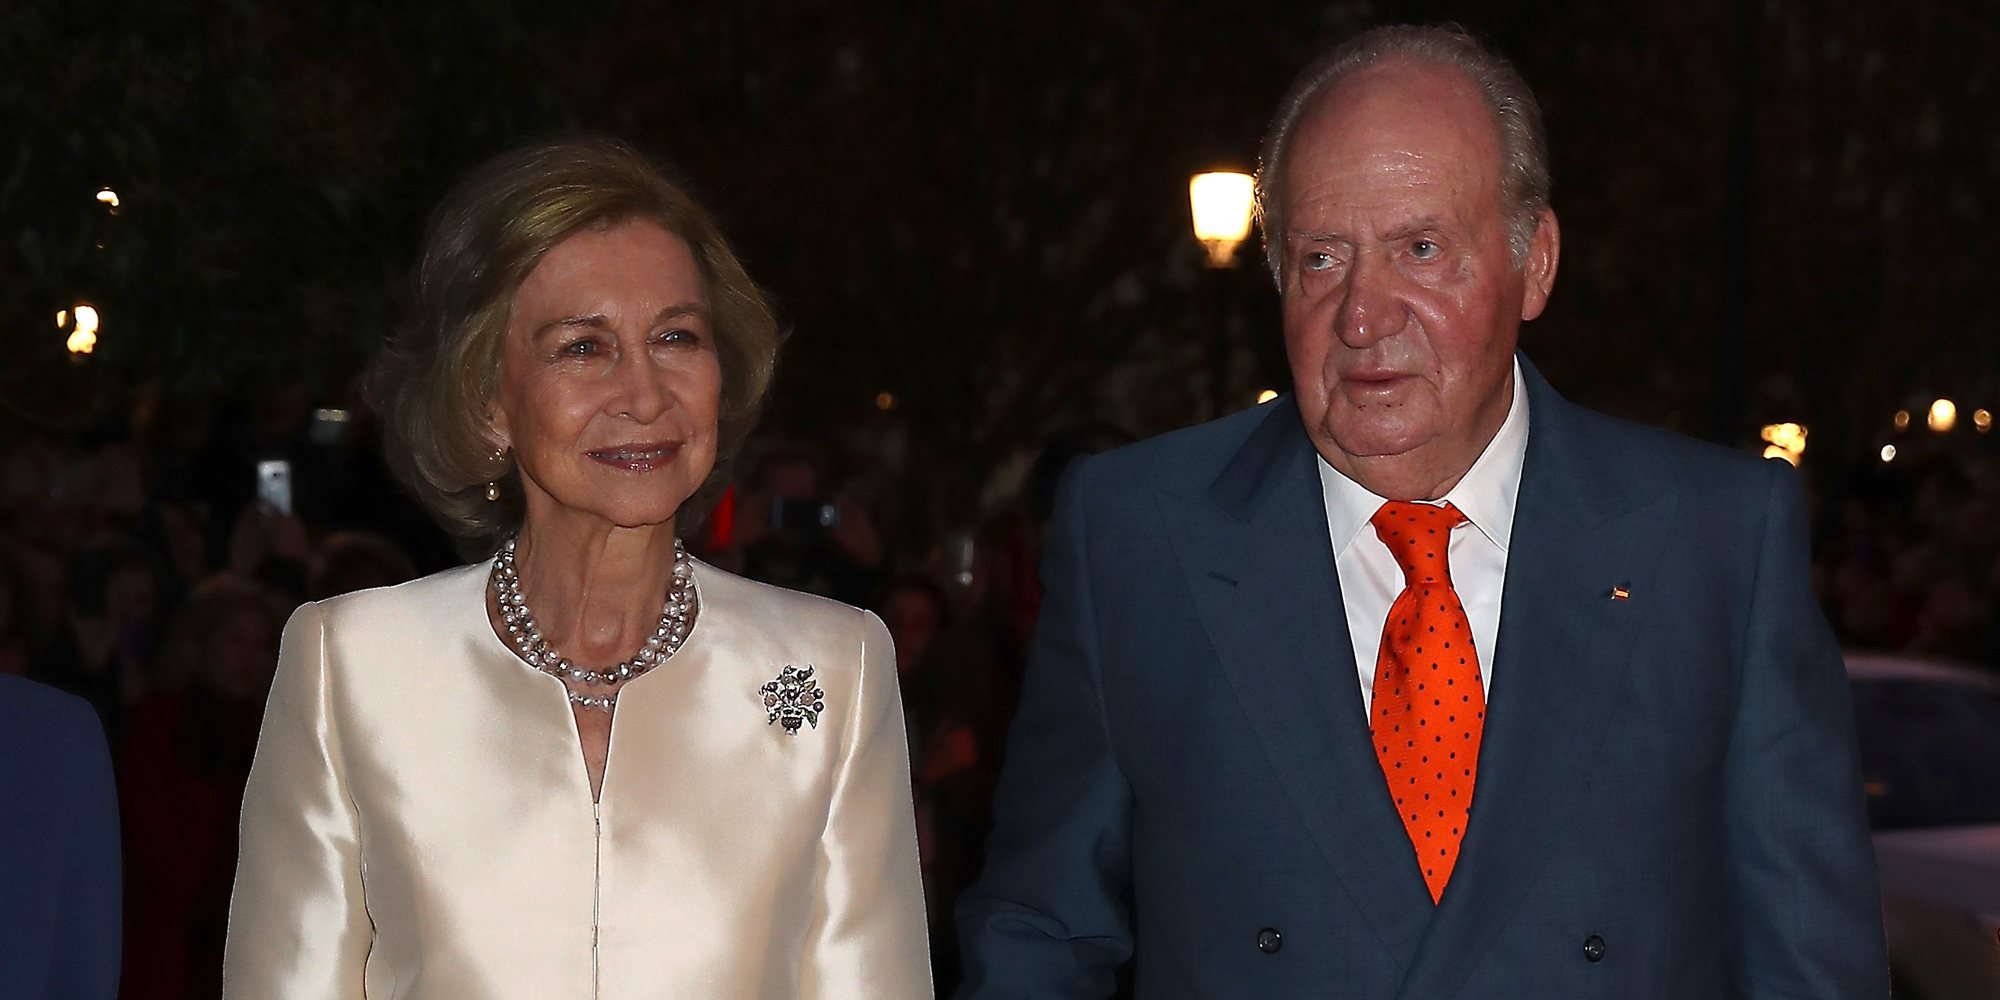 La Reina Sofía, la gran protagonista en el concierto en su honor por su 80 cumpleaños